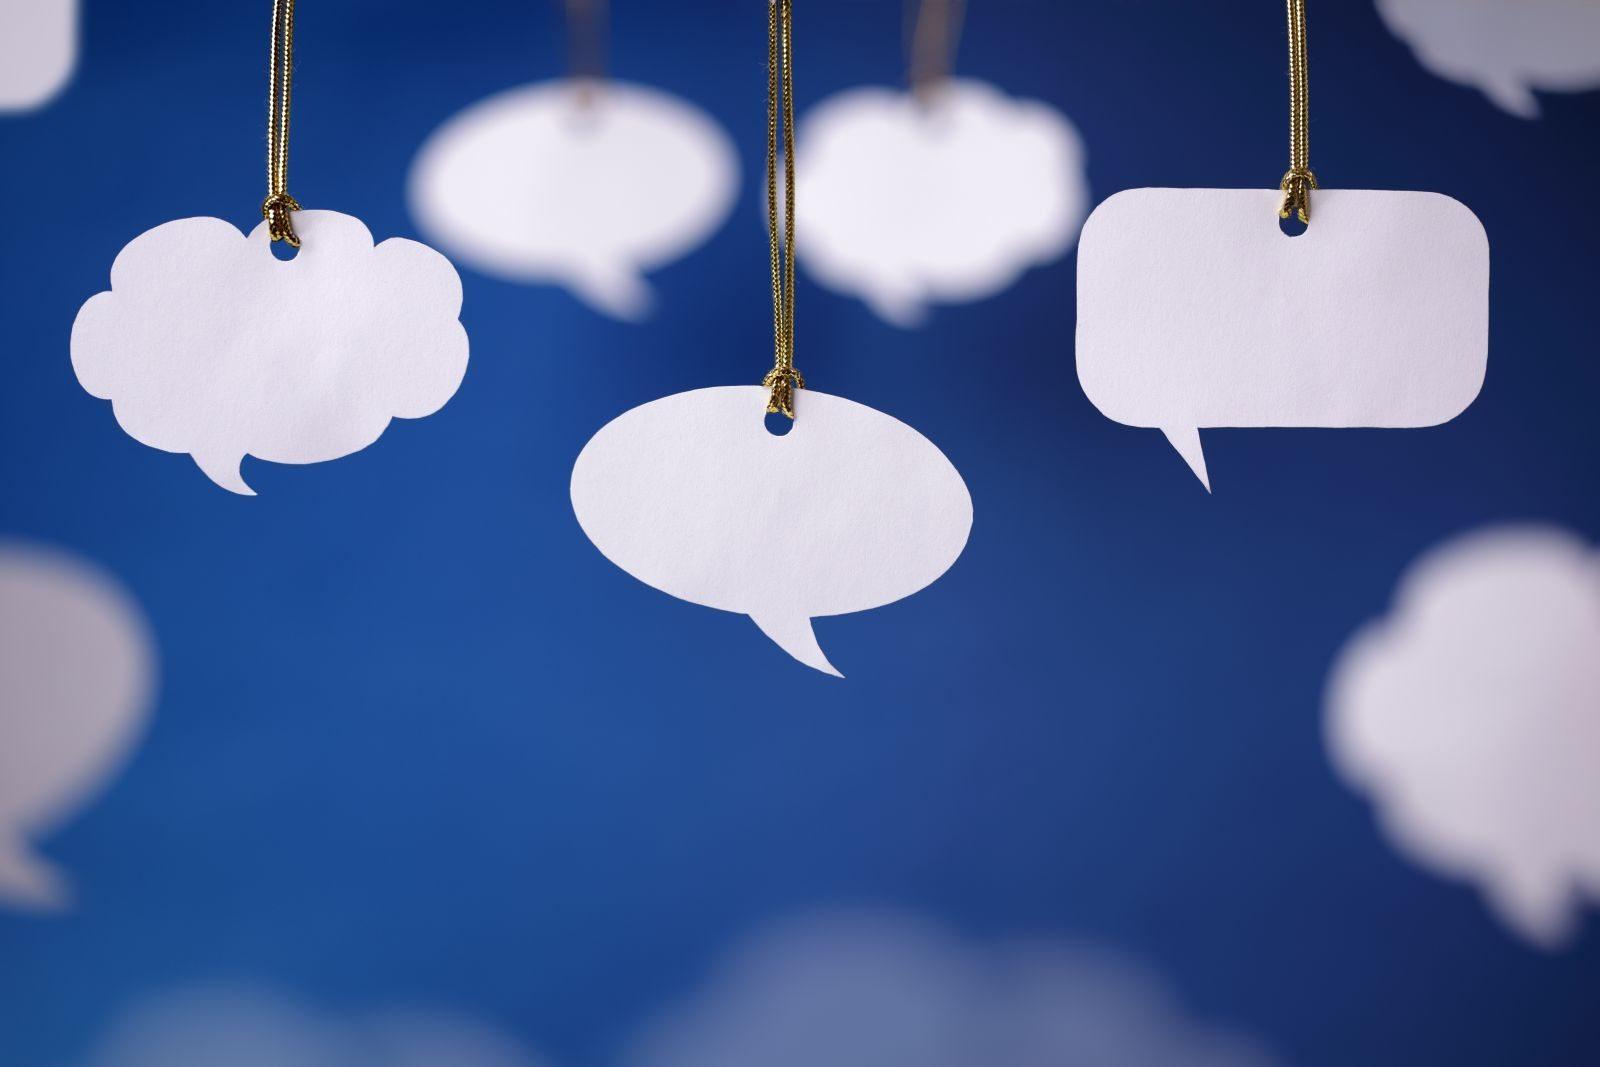 News Items Speech bubbles